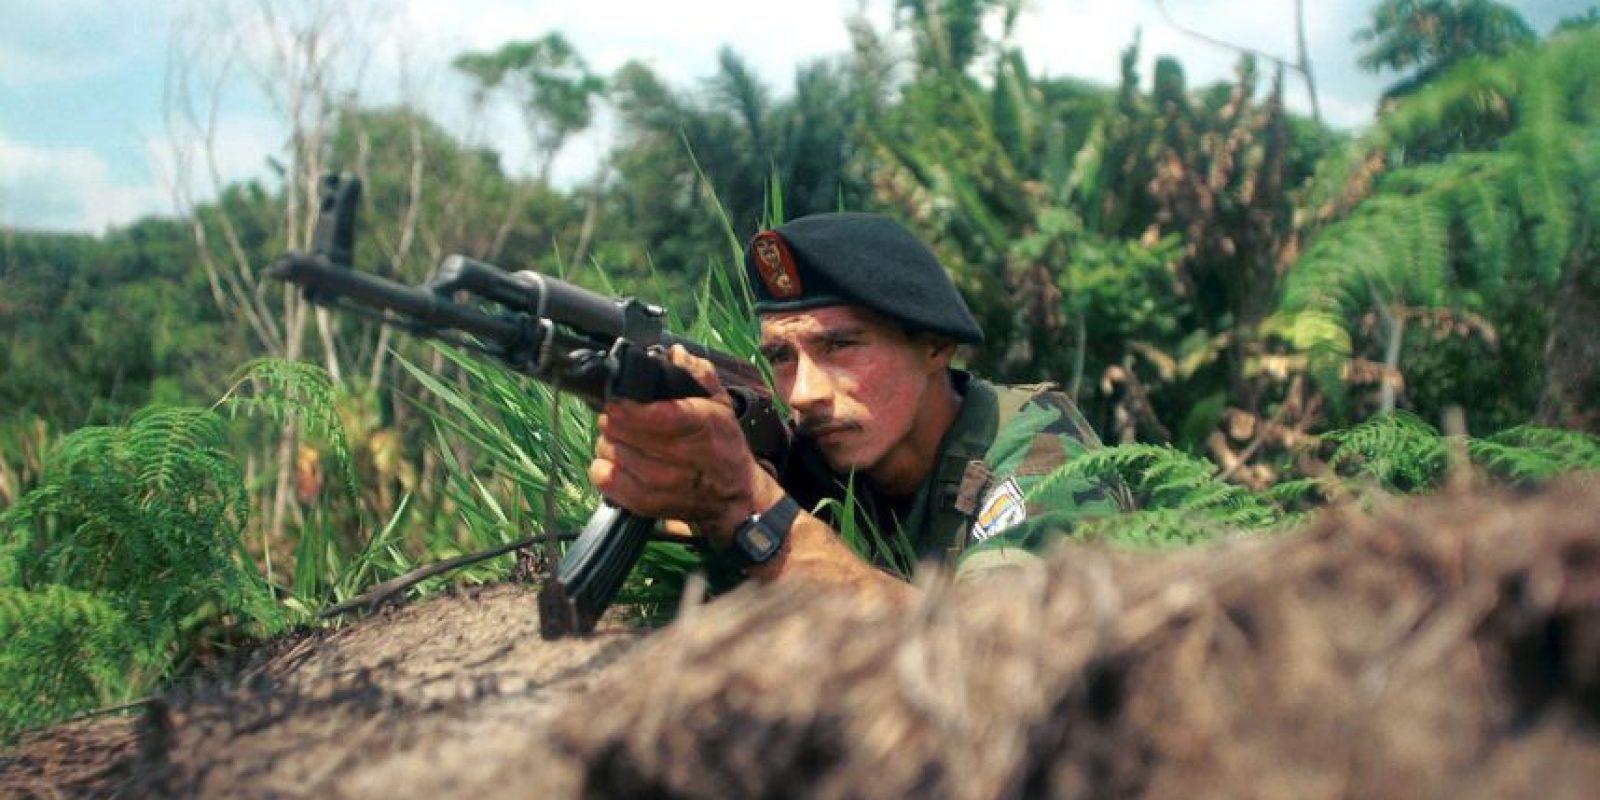 Las FARC es el grupo rebelde más antiguo y numeroso de América Latina. Foto:Getty Images